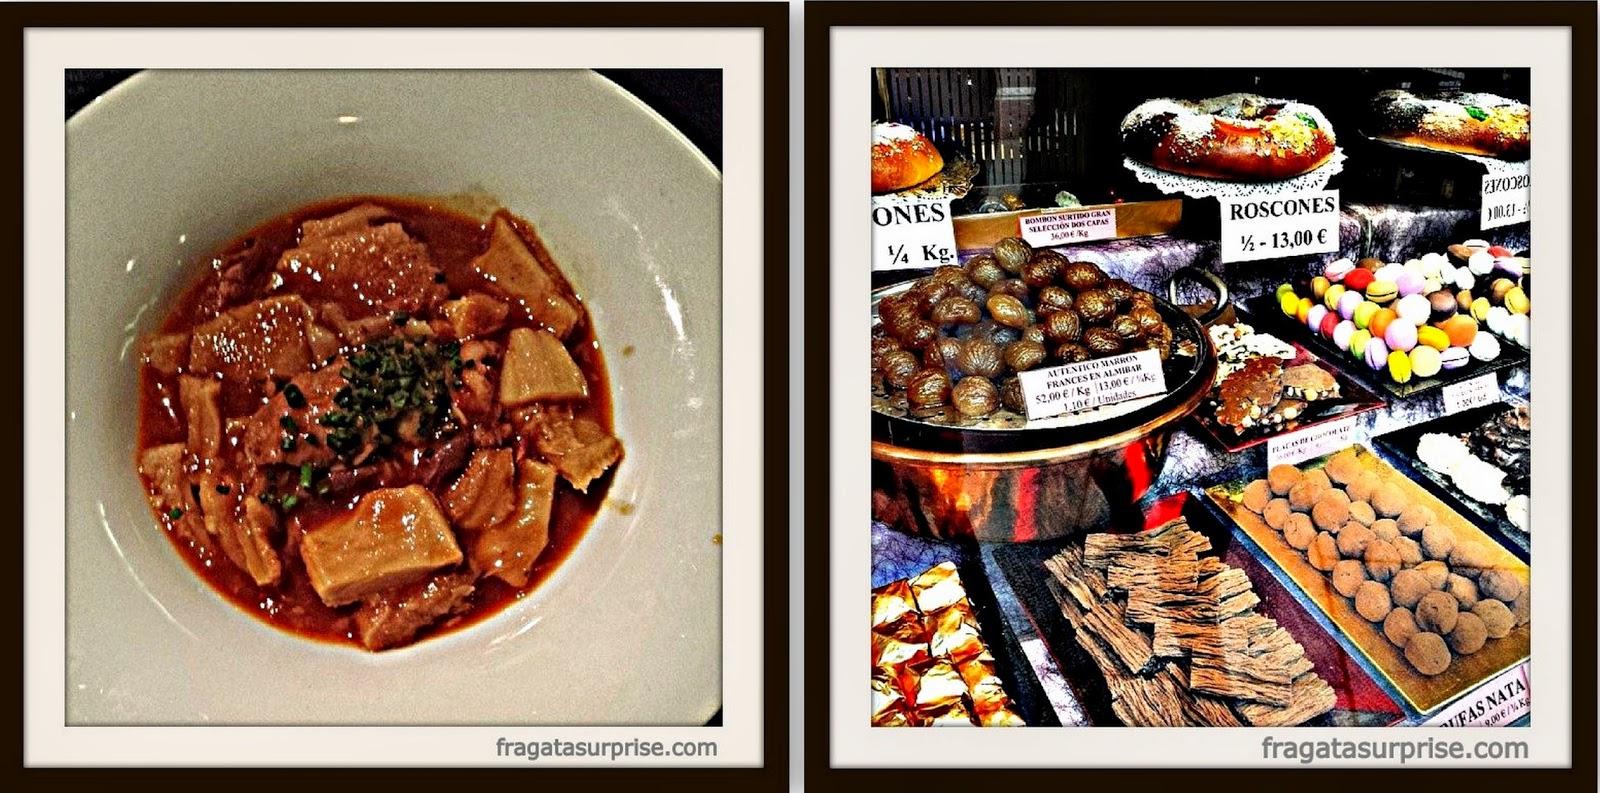 Callos a la madrileña, prato típico de Madri, e doces da confeitaria La Mallorquina